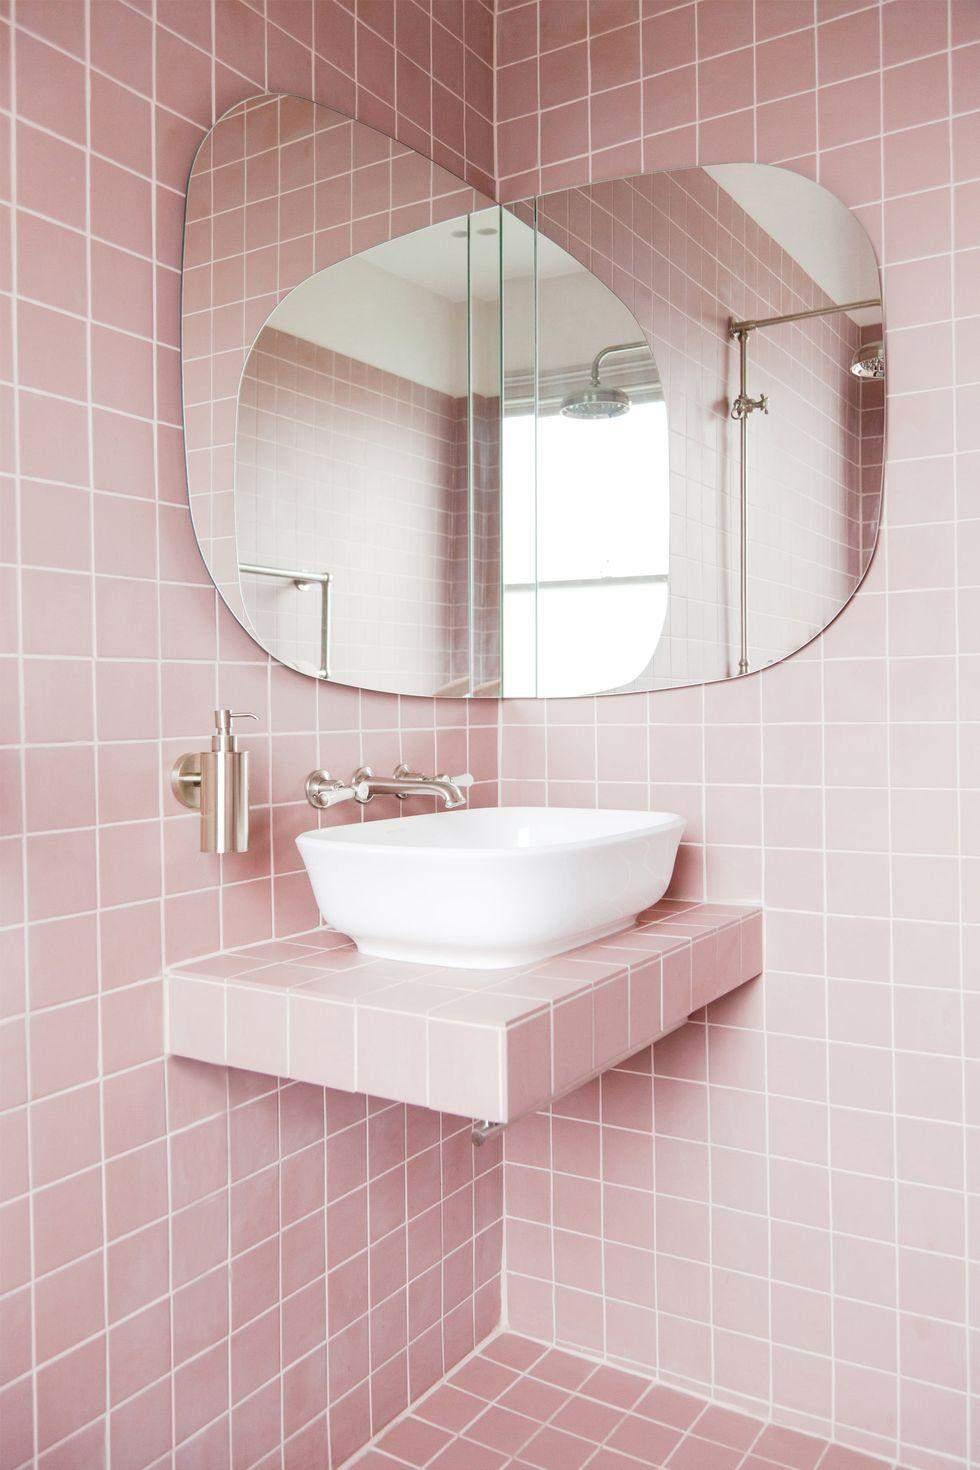 Як освіжити ванну кімнату: 10 оригінальних дзеркал для будь-якого стилю